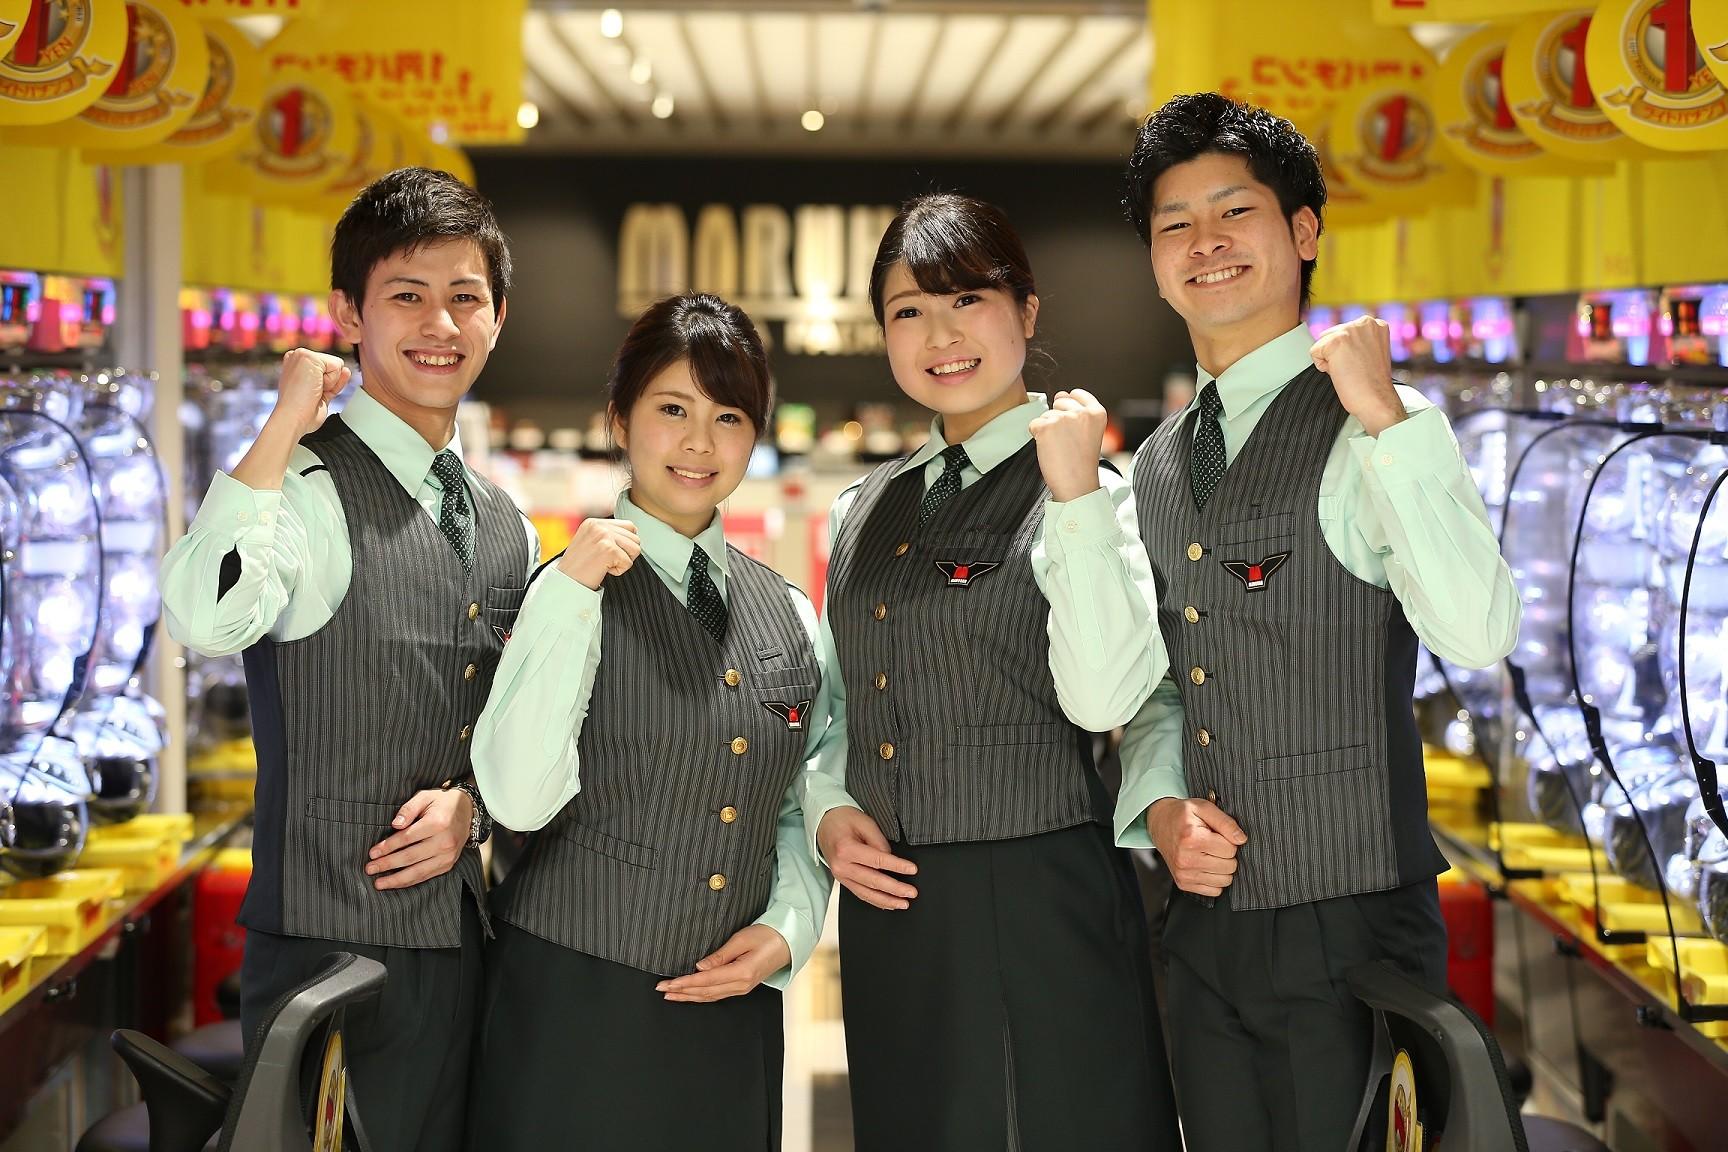 マルハン 苅田店[4002]のアルバイト情報